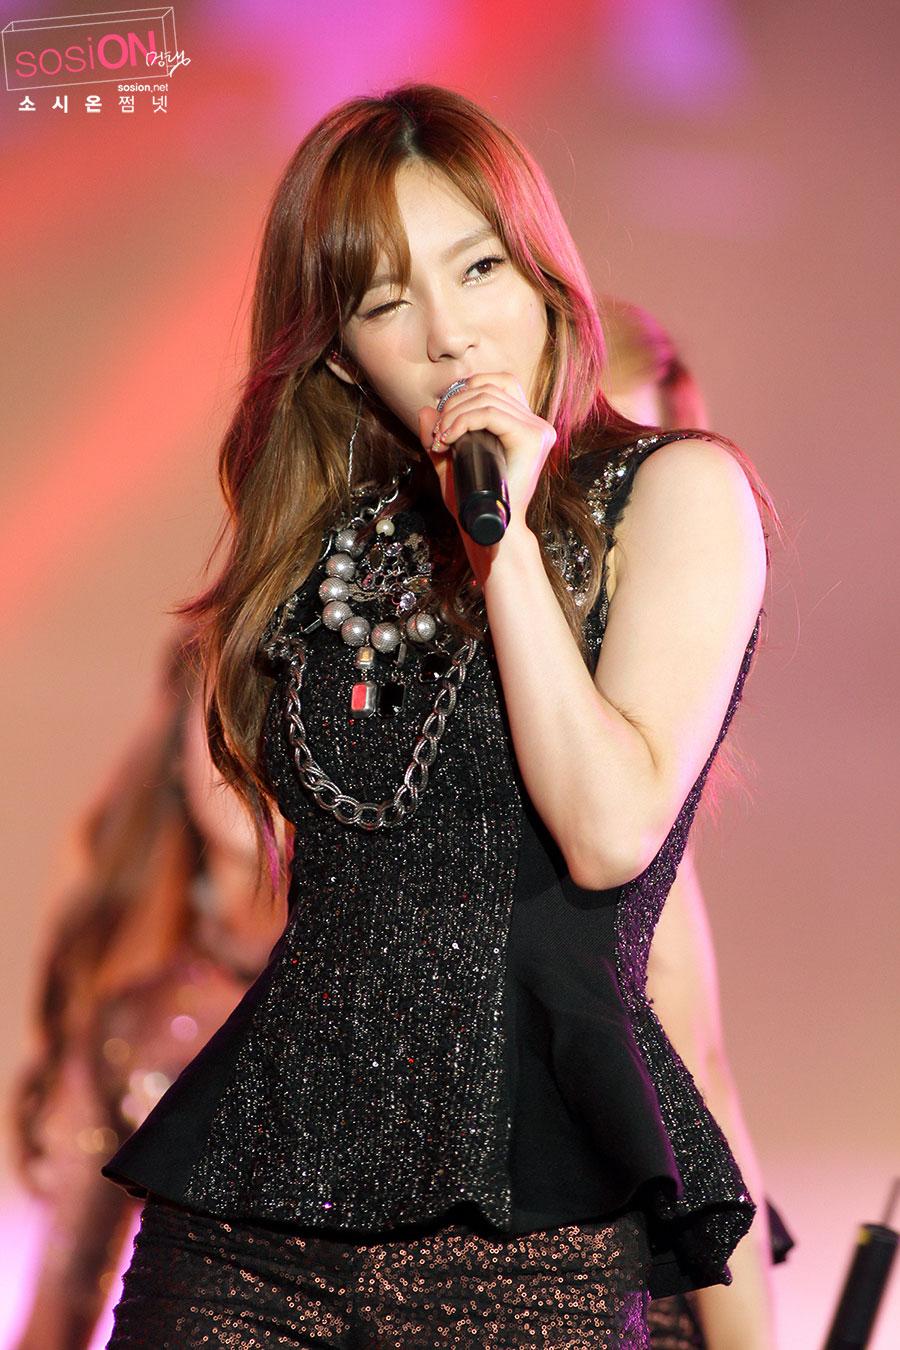 [PICS][20/7/2012] Taeyeon @ Yeosu Expo Concert 201 Taeyeon-yeosu-concert-6